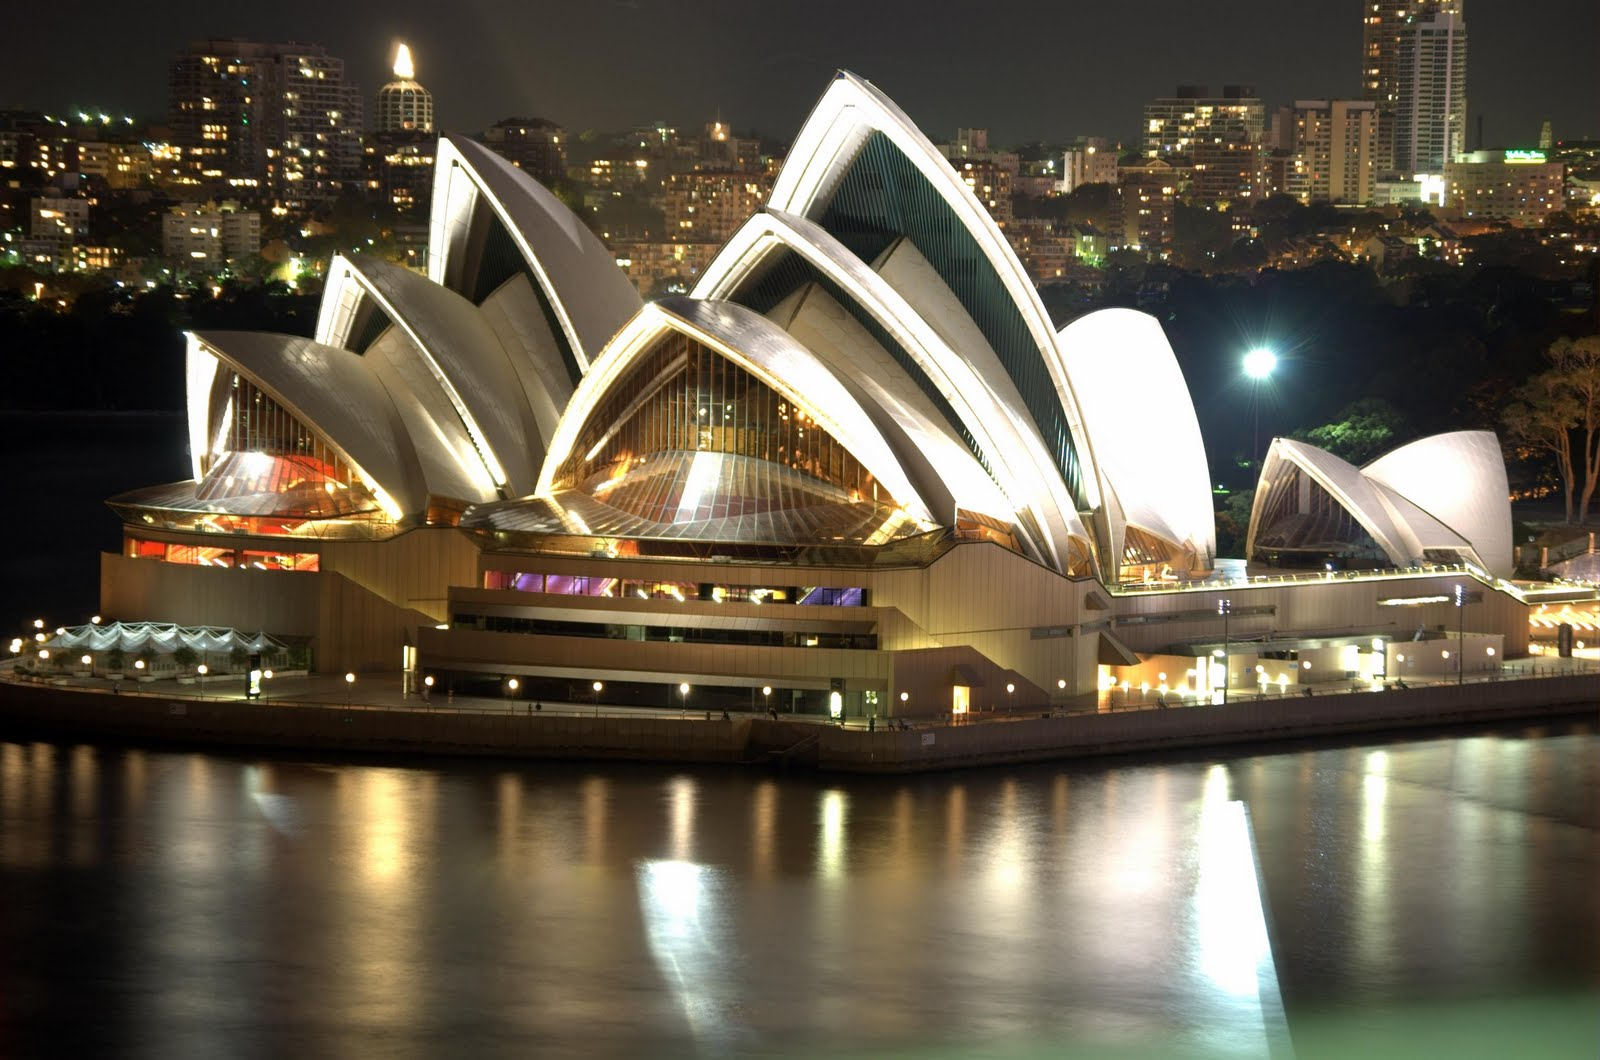 29 HD Sydney Wallpapers The Roar Of Opera House In  - sydney opera house australia wallpapers